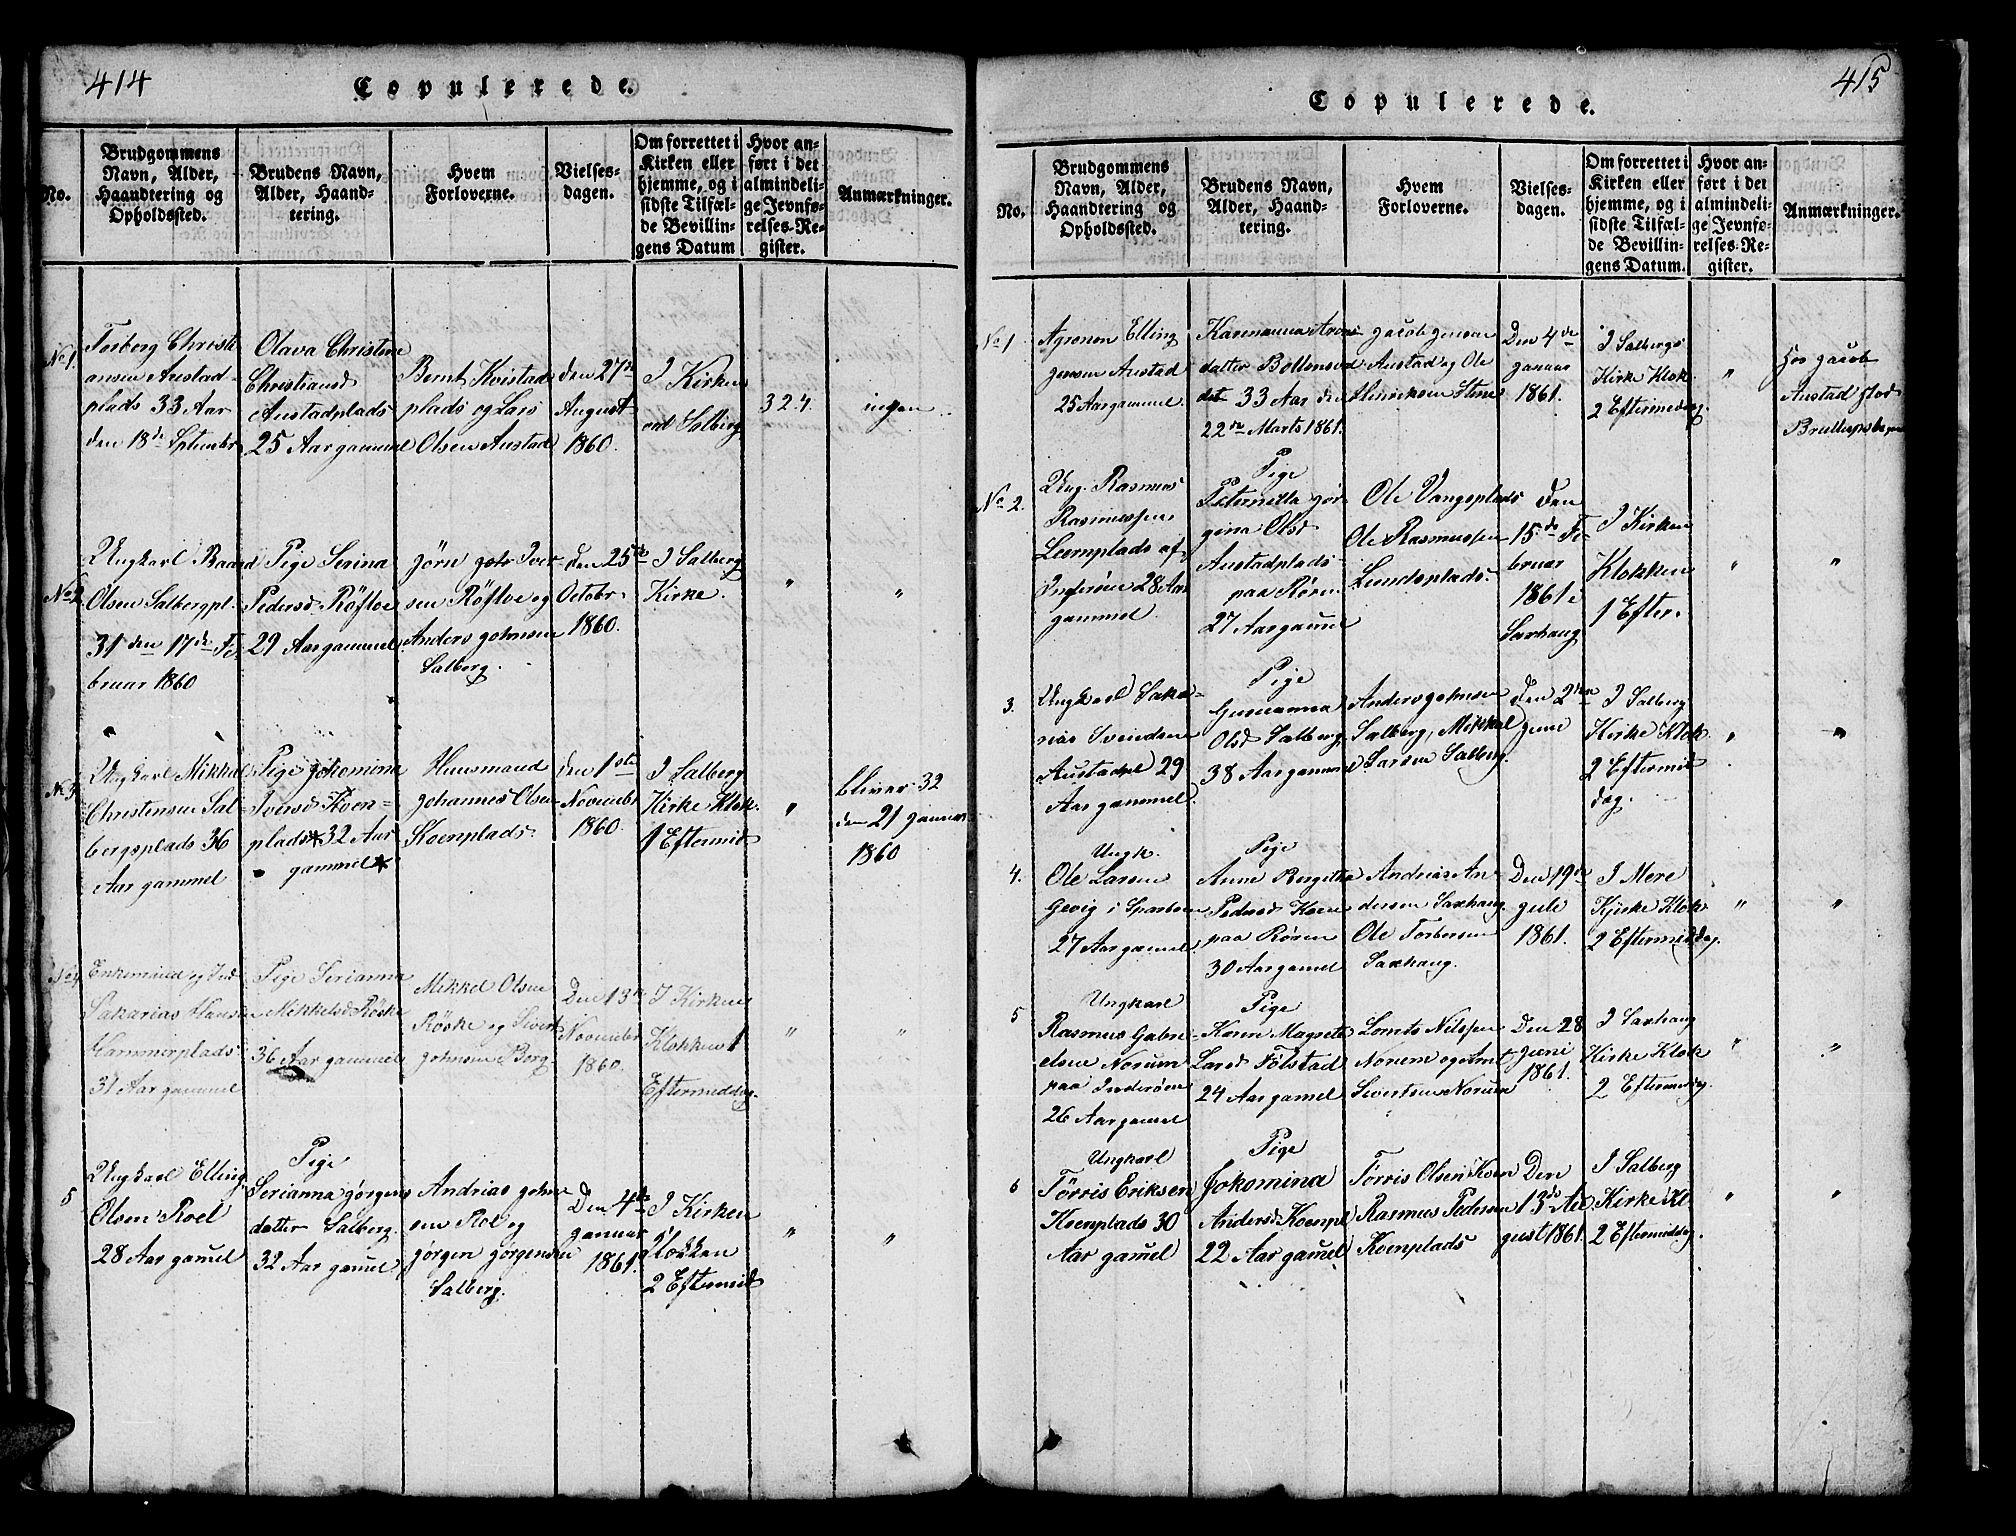 SAT, Ministerialprotokoller, klokkerbøker og fødselsregistre - Nord-Trøndelag, 731/L0310: Klokkerbok nr. 731C01, 1816-1874, s. 414-415